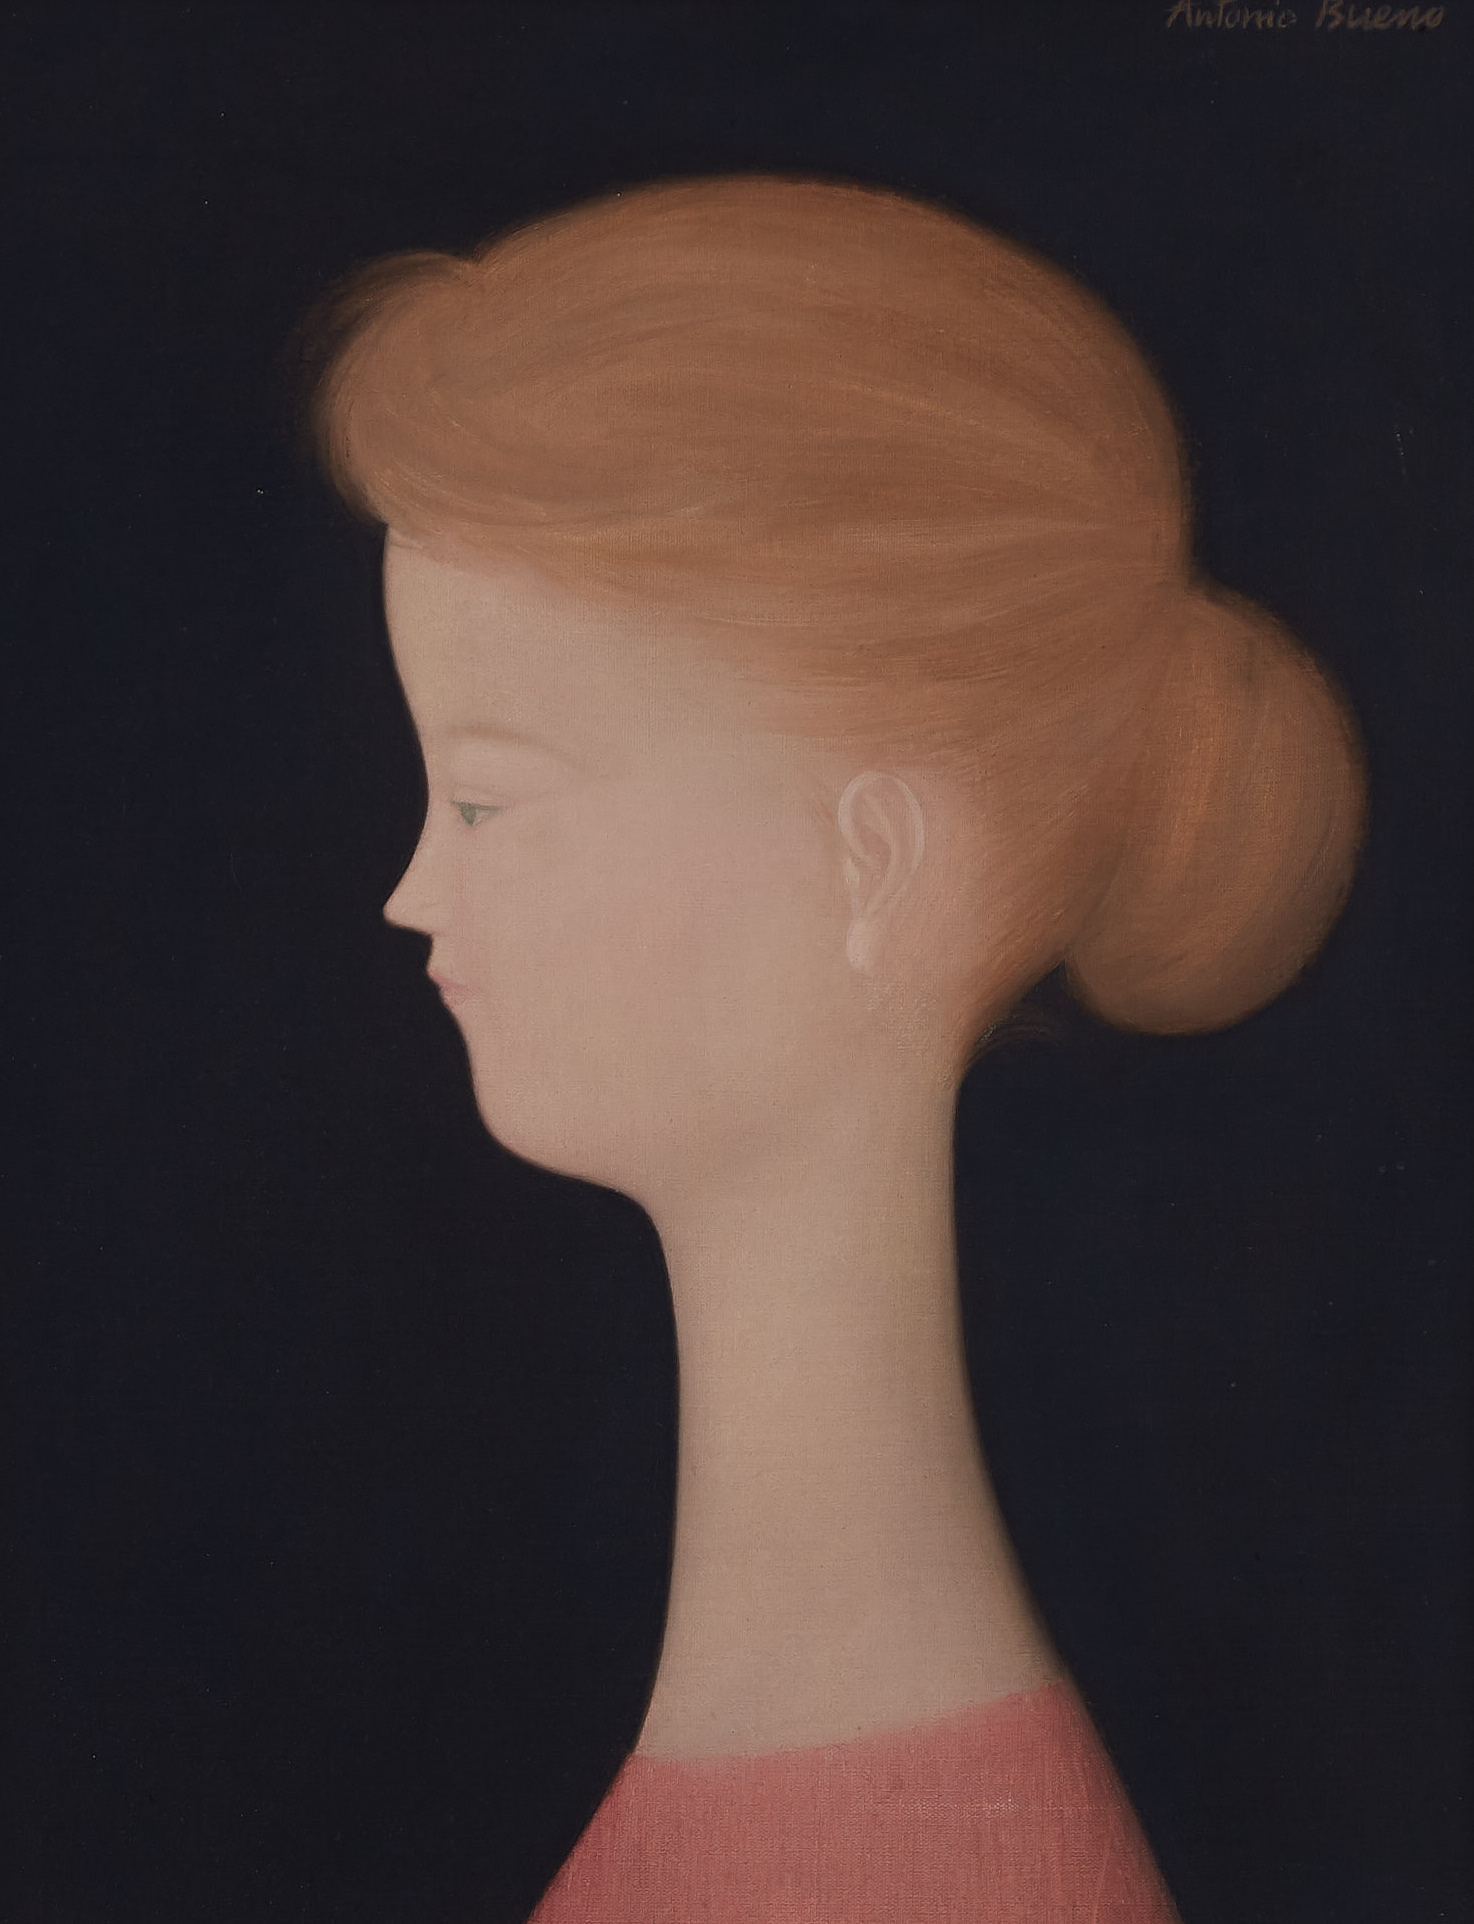 Lot 101: Antonio Bueno Portrait of a Girl Oil on Canvas